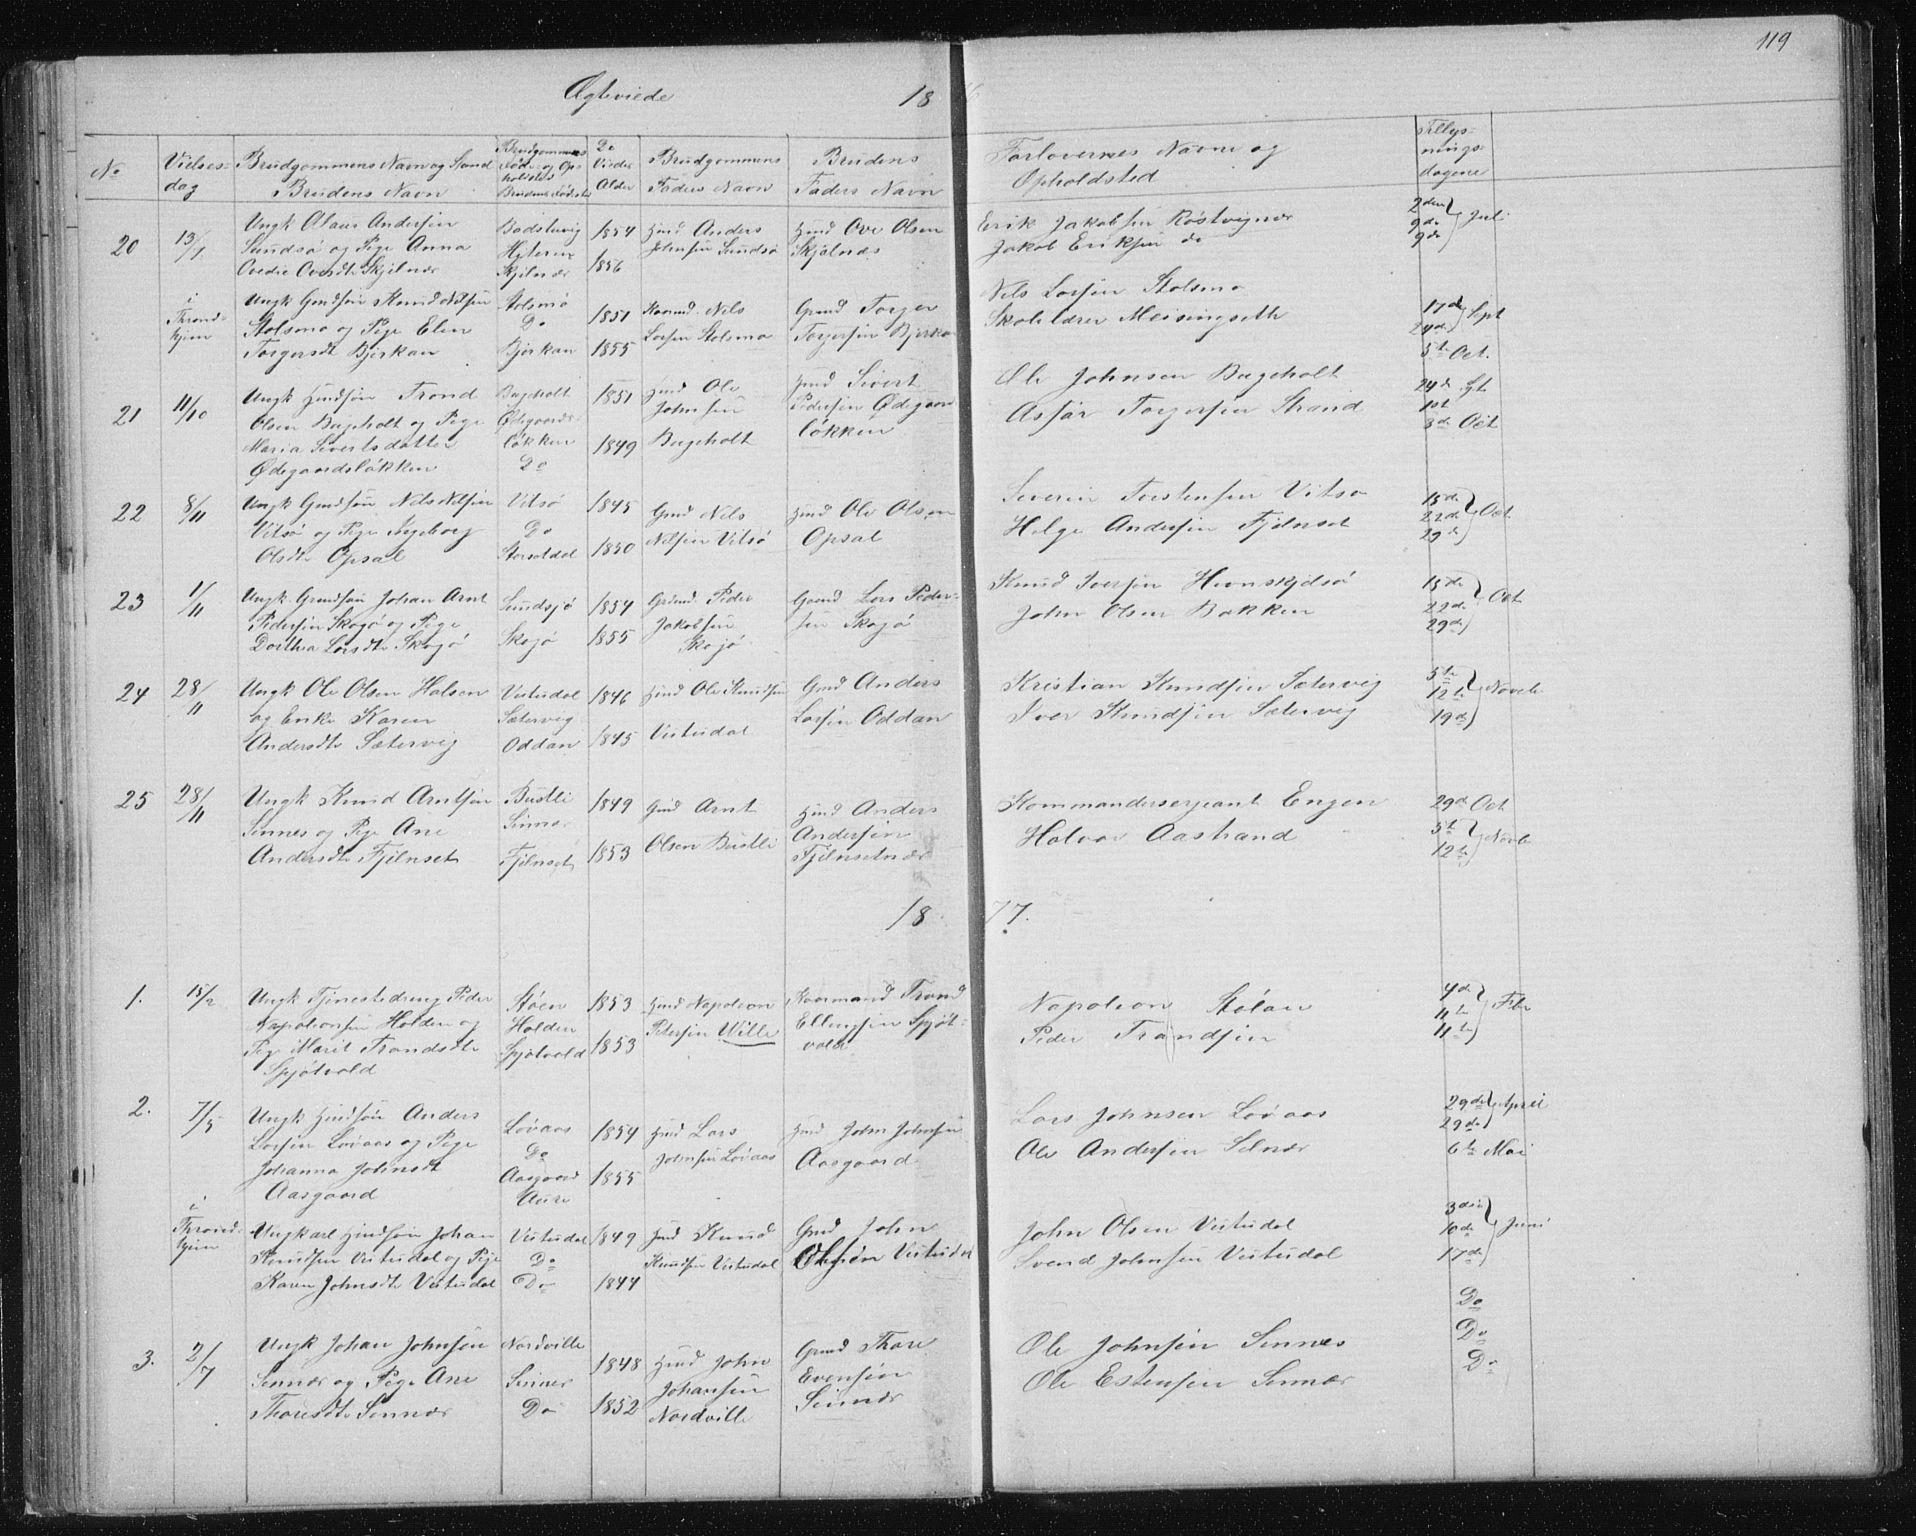 SAT, Ministerialprotokoller, klokkerbøker og fødselsregistre - Sør-Trøndelag, 630/L0503: Klokkerbok nr. 630C01, 1869-1878, s. 119